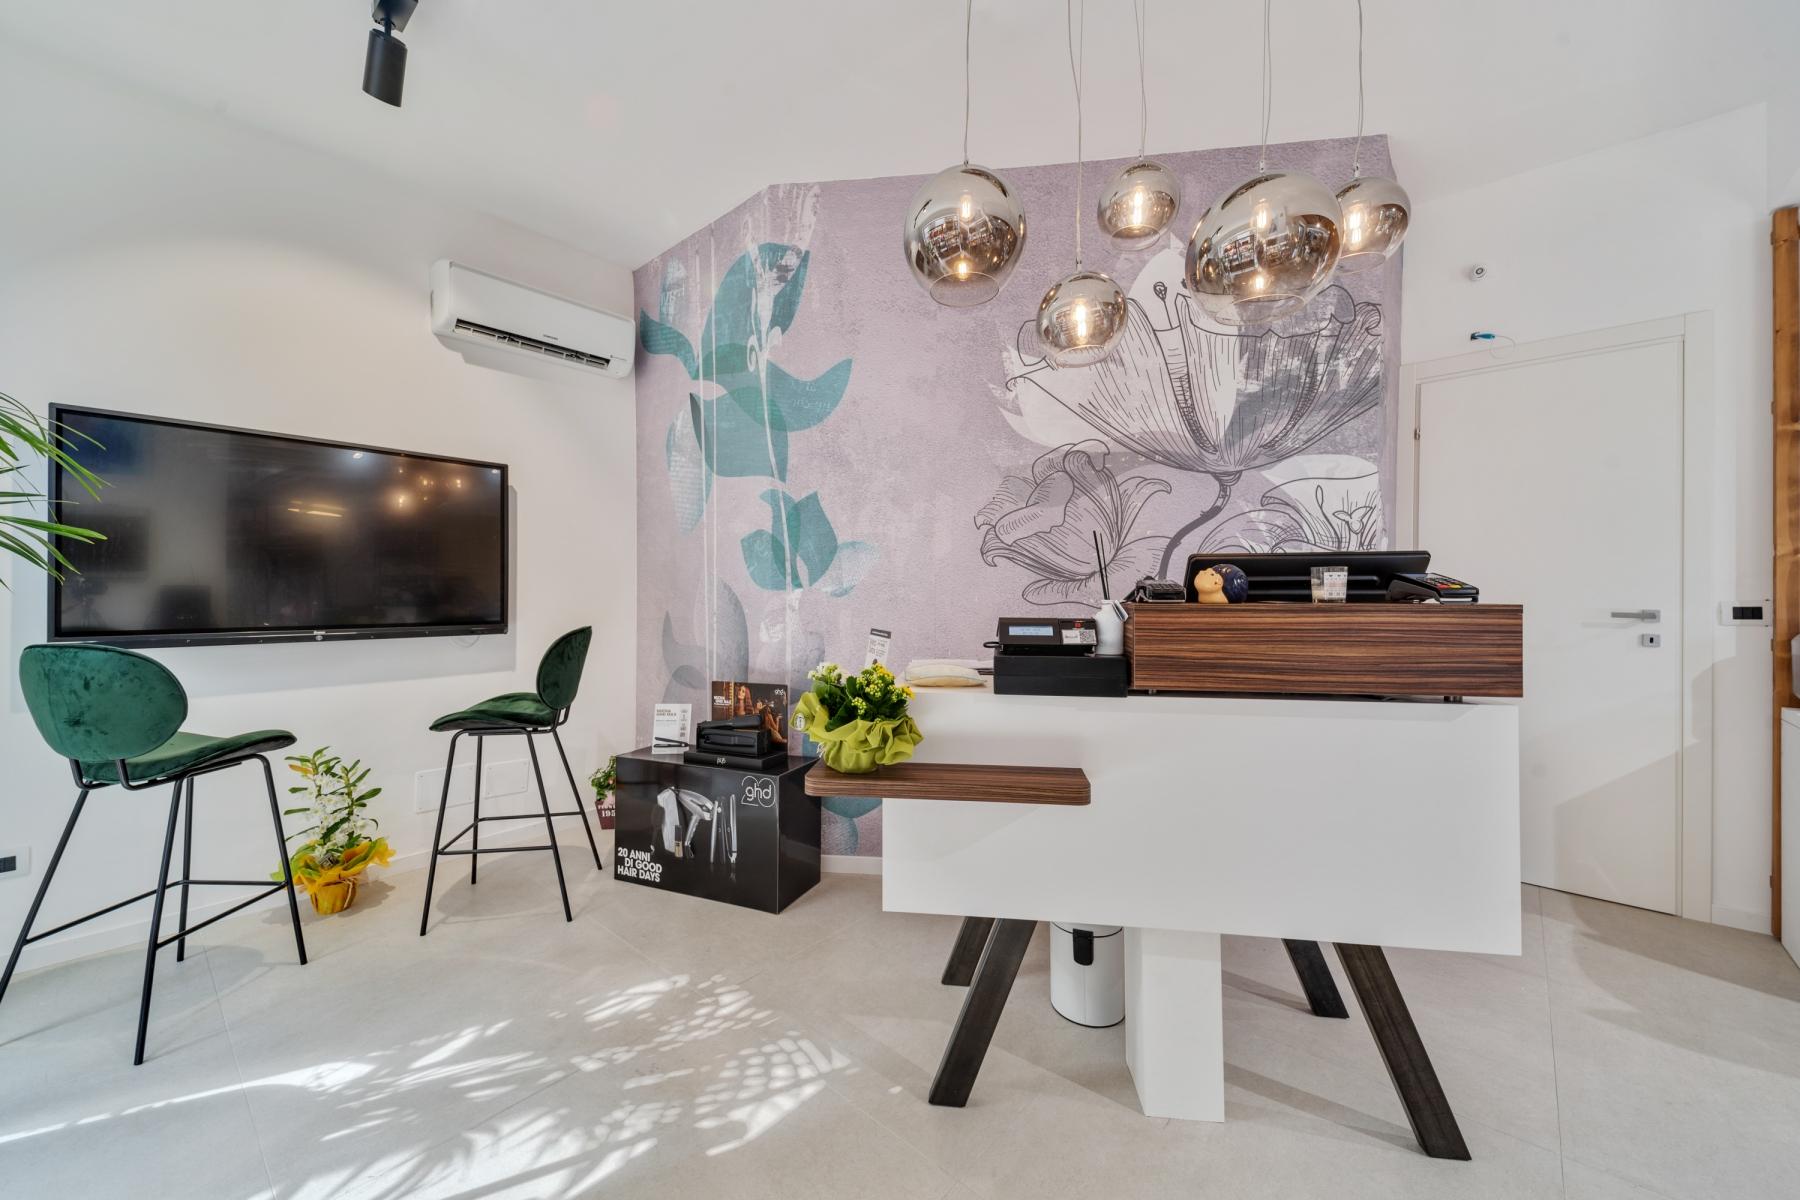 panoramica-sala-daspetto-e-consulenza-compagnia-della-bellezza-gentile-group-by-amanda-villafranca-tirrena